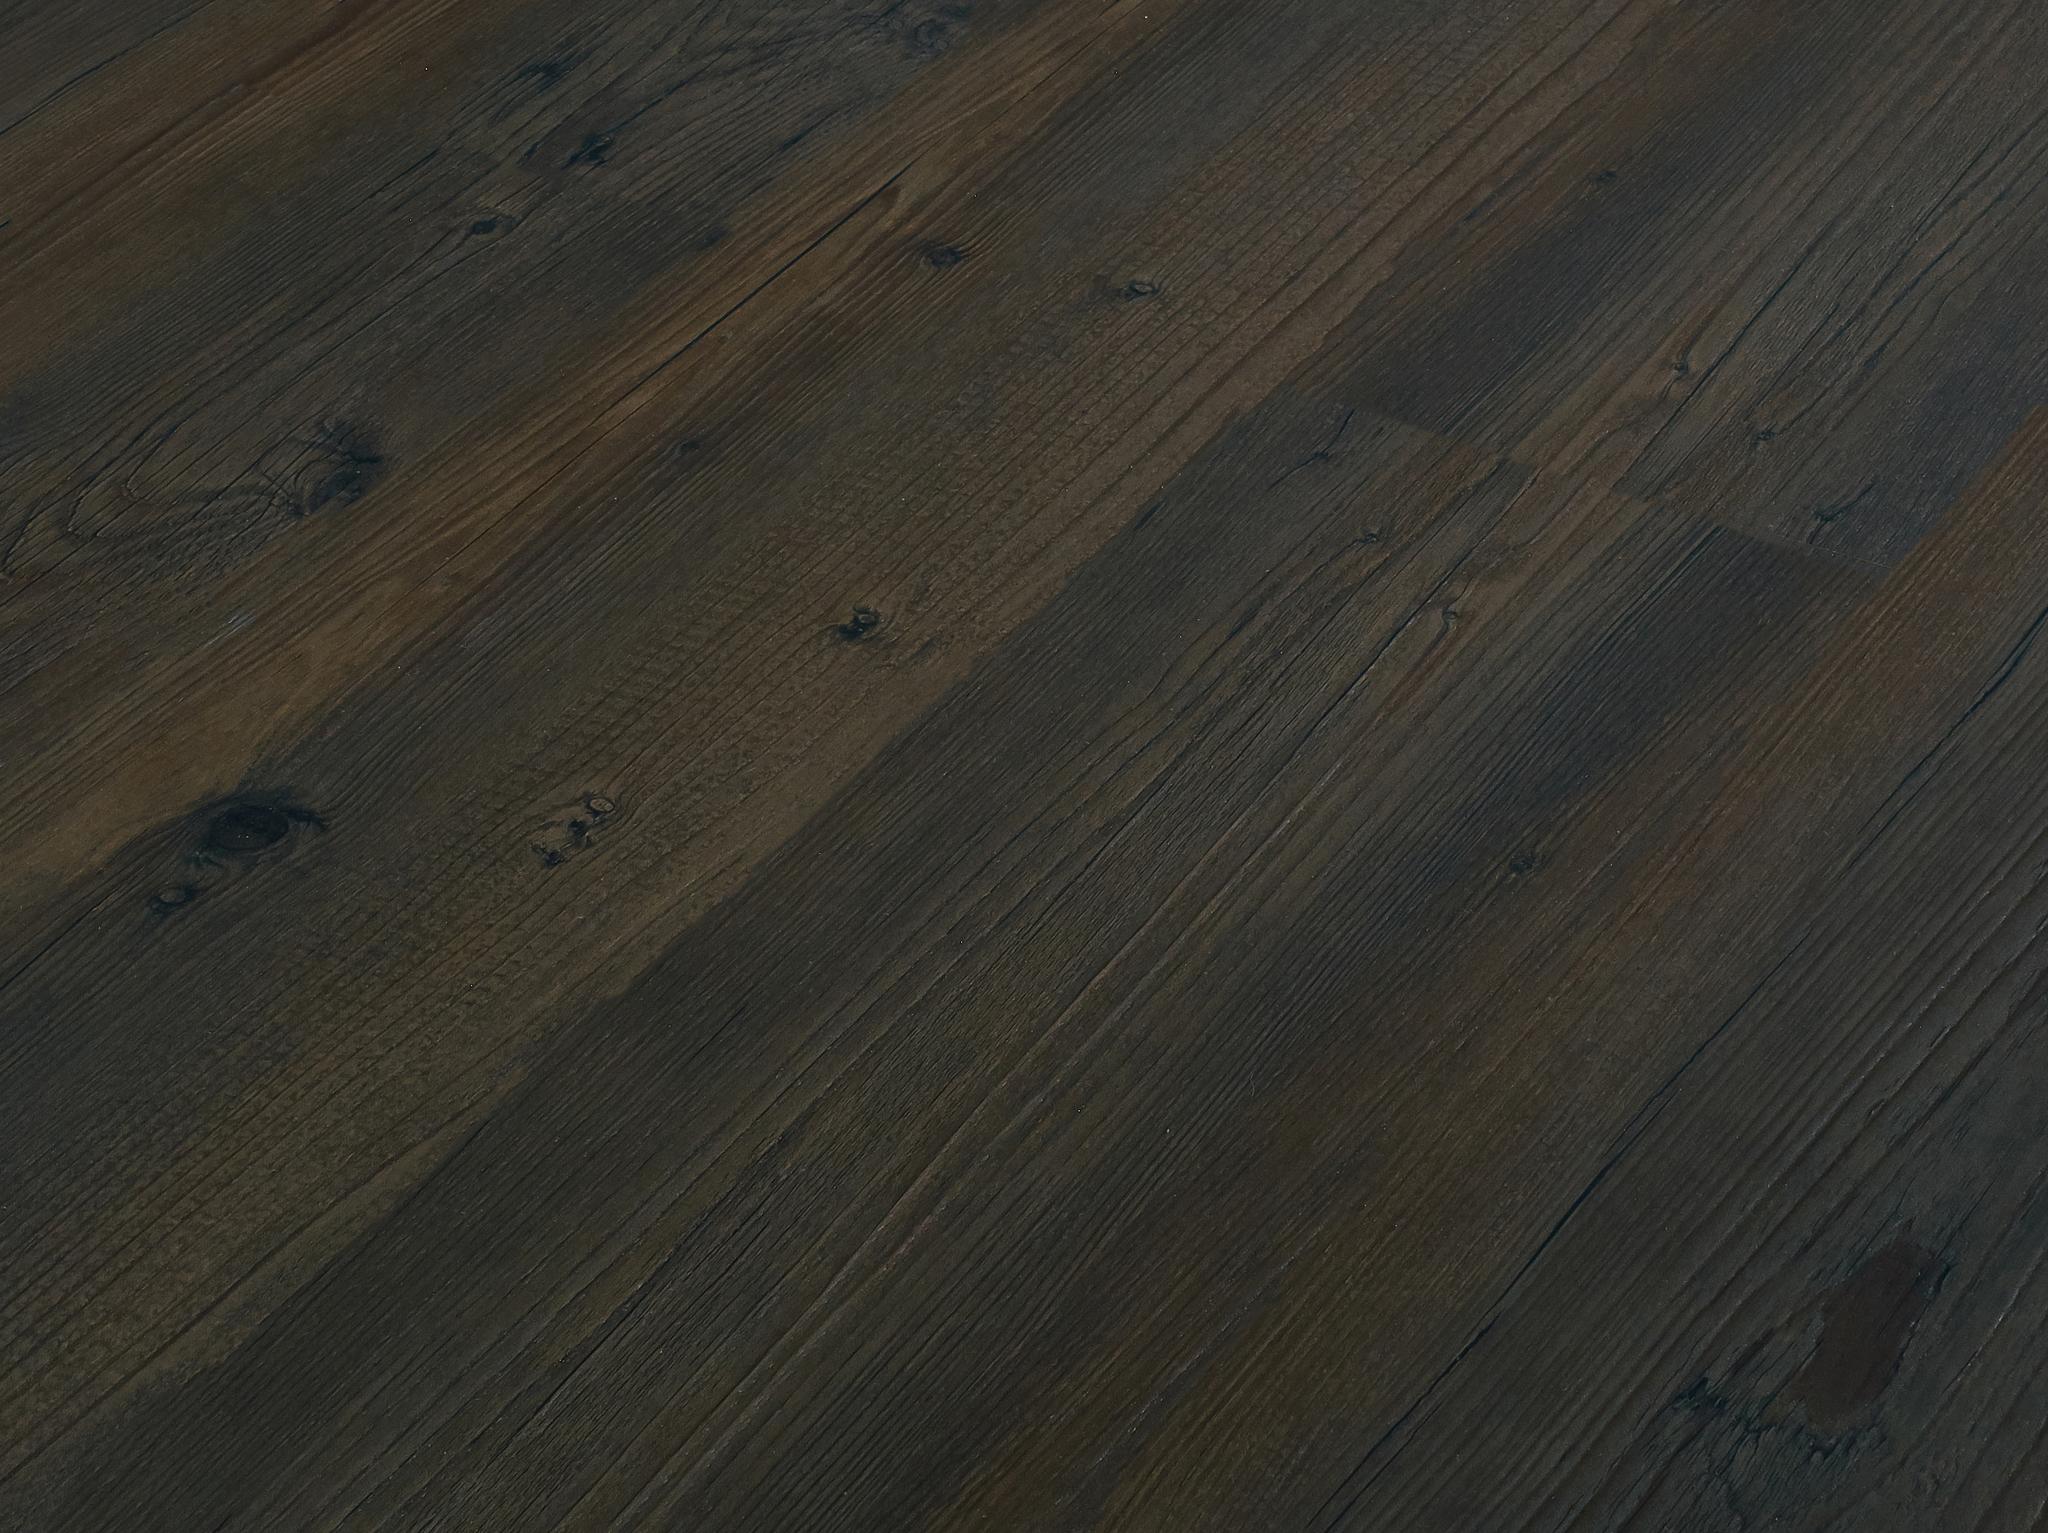 Виниловый пол Concept Floor - Premium Line Fichte Rustic (Ель Rustic)